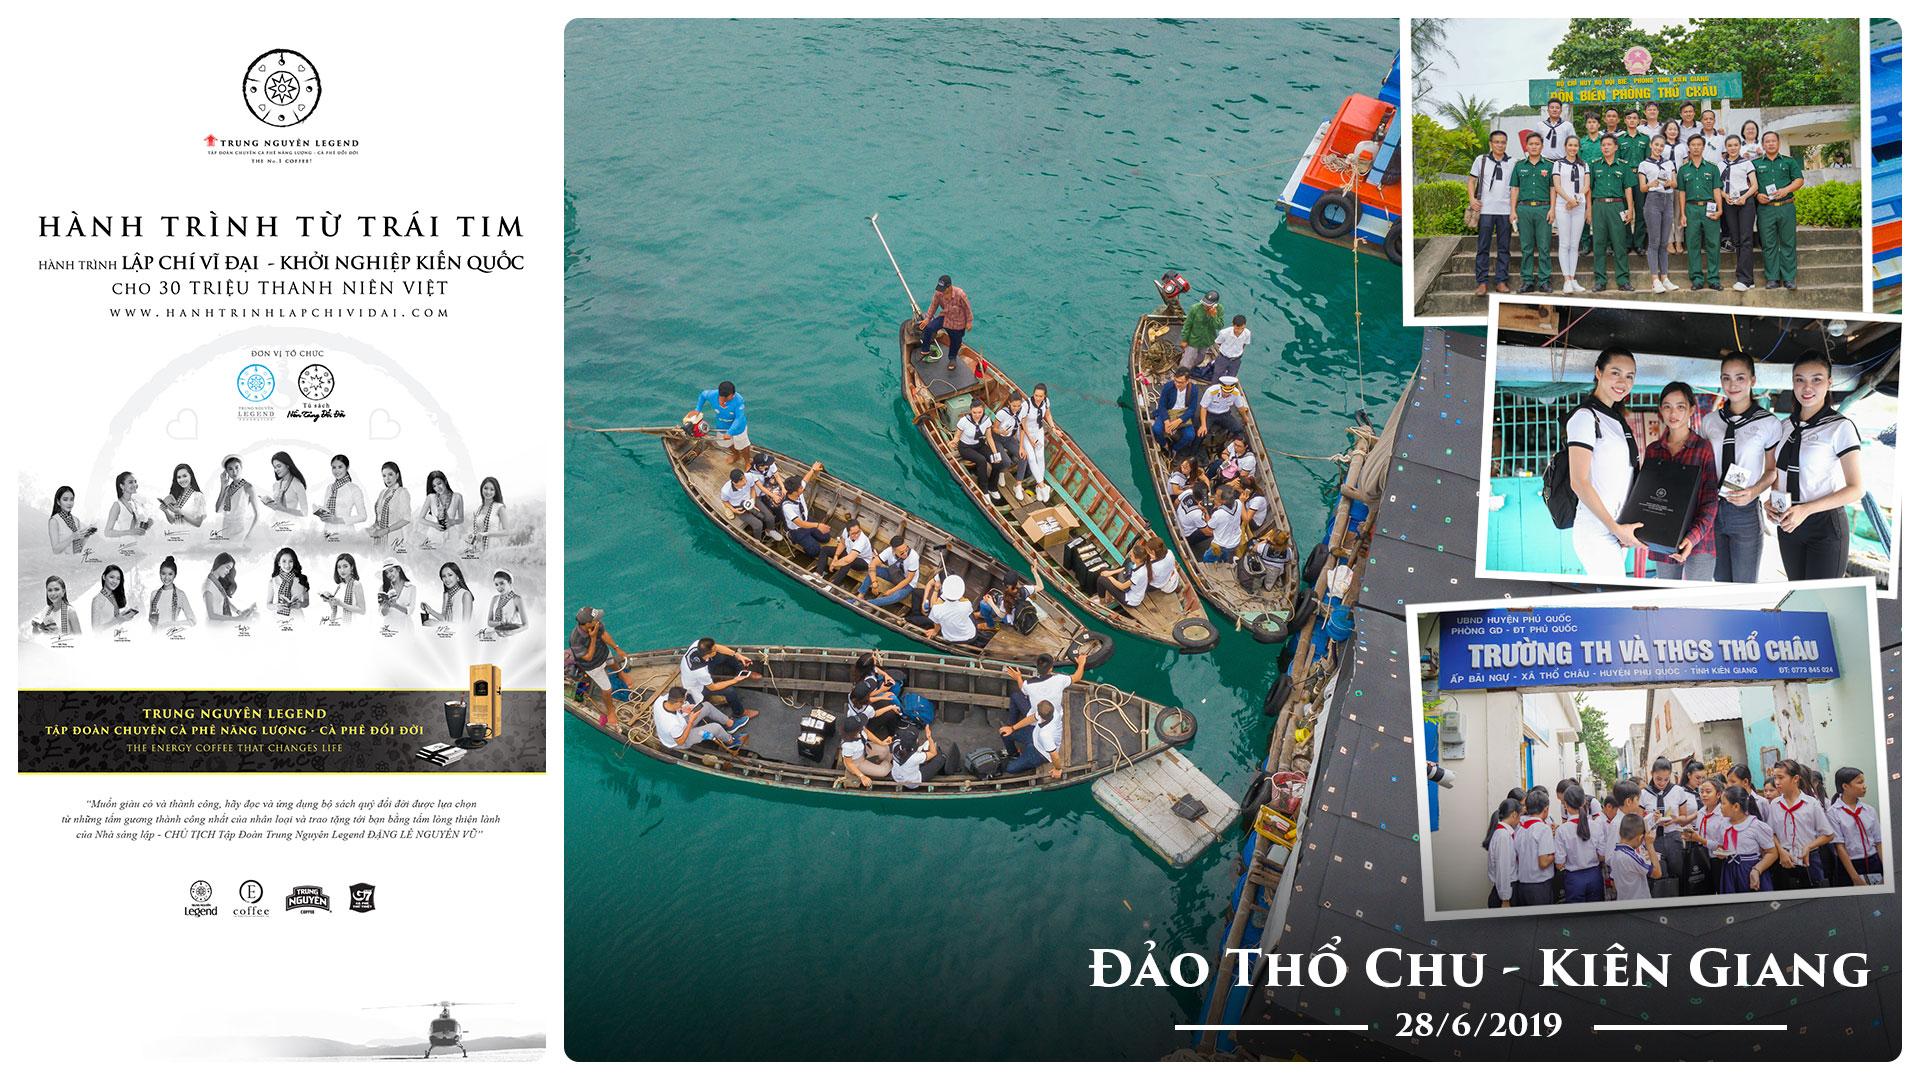 Hành trình Từ Trái Tim trao tặng sách quý đổi đời đến chiến sĩ và nhân dân Đảo Thổ Chu – Kiên Giang